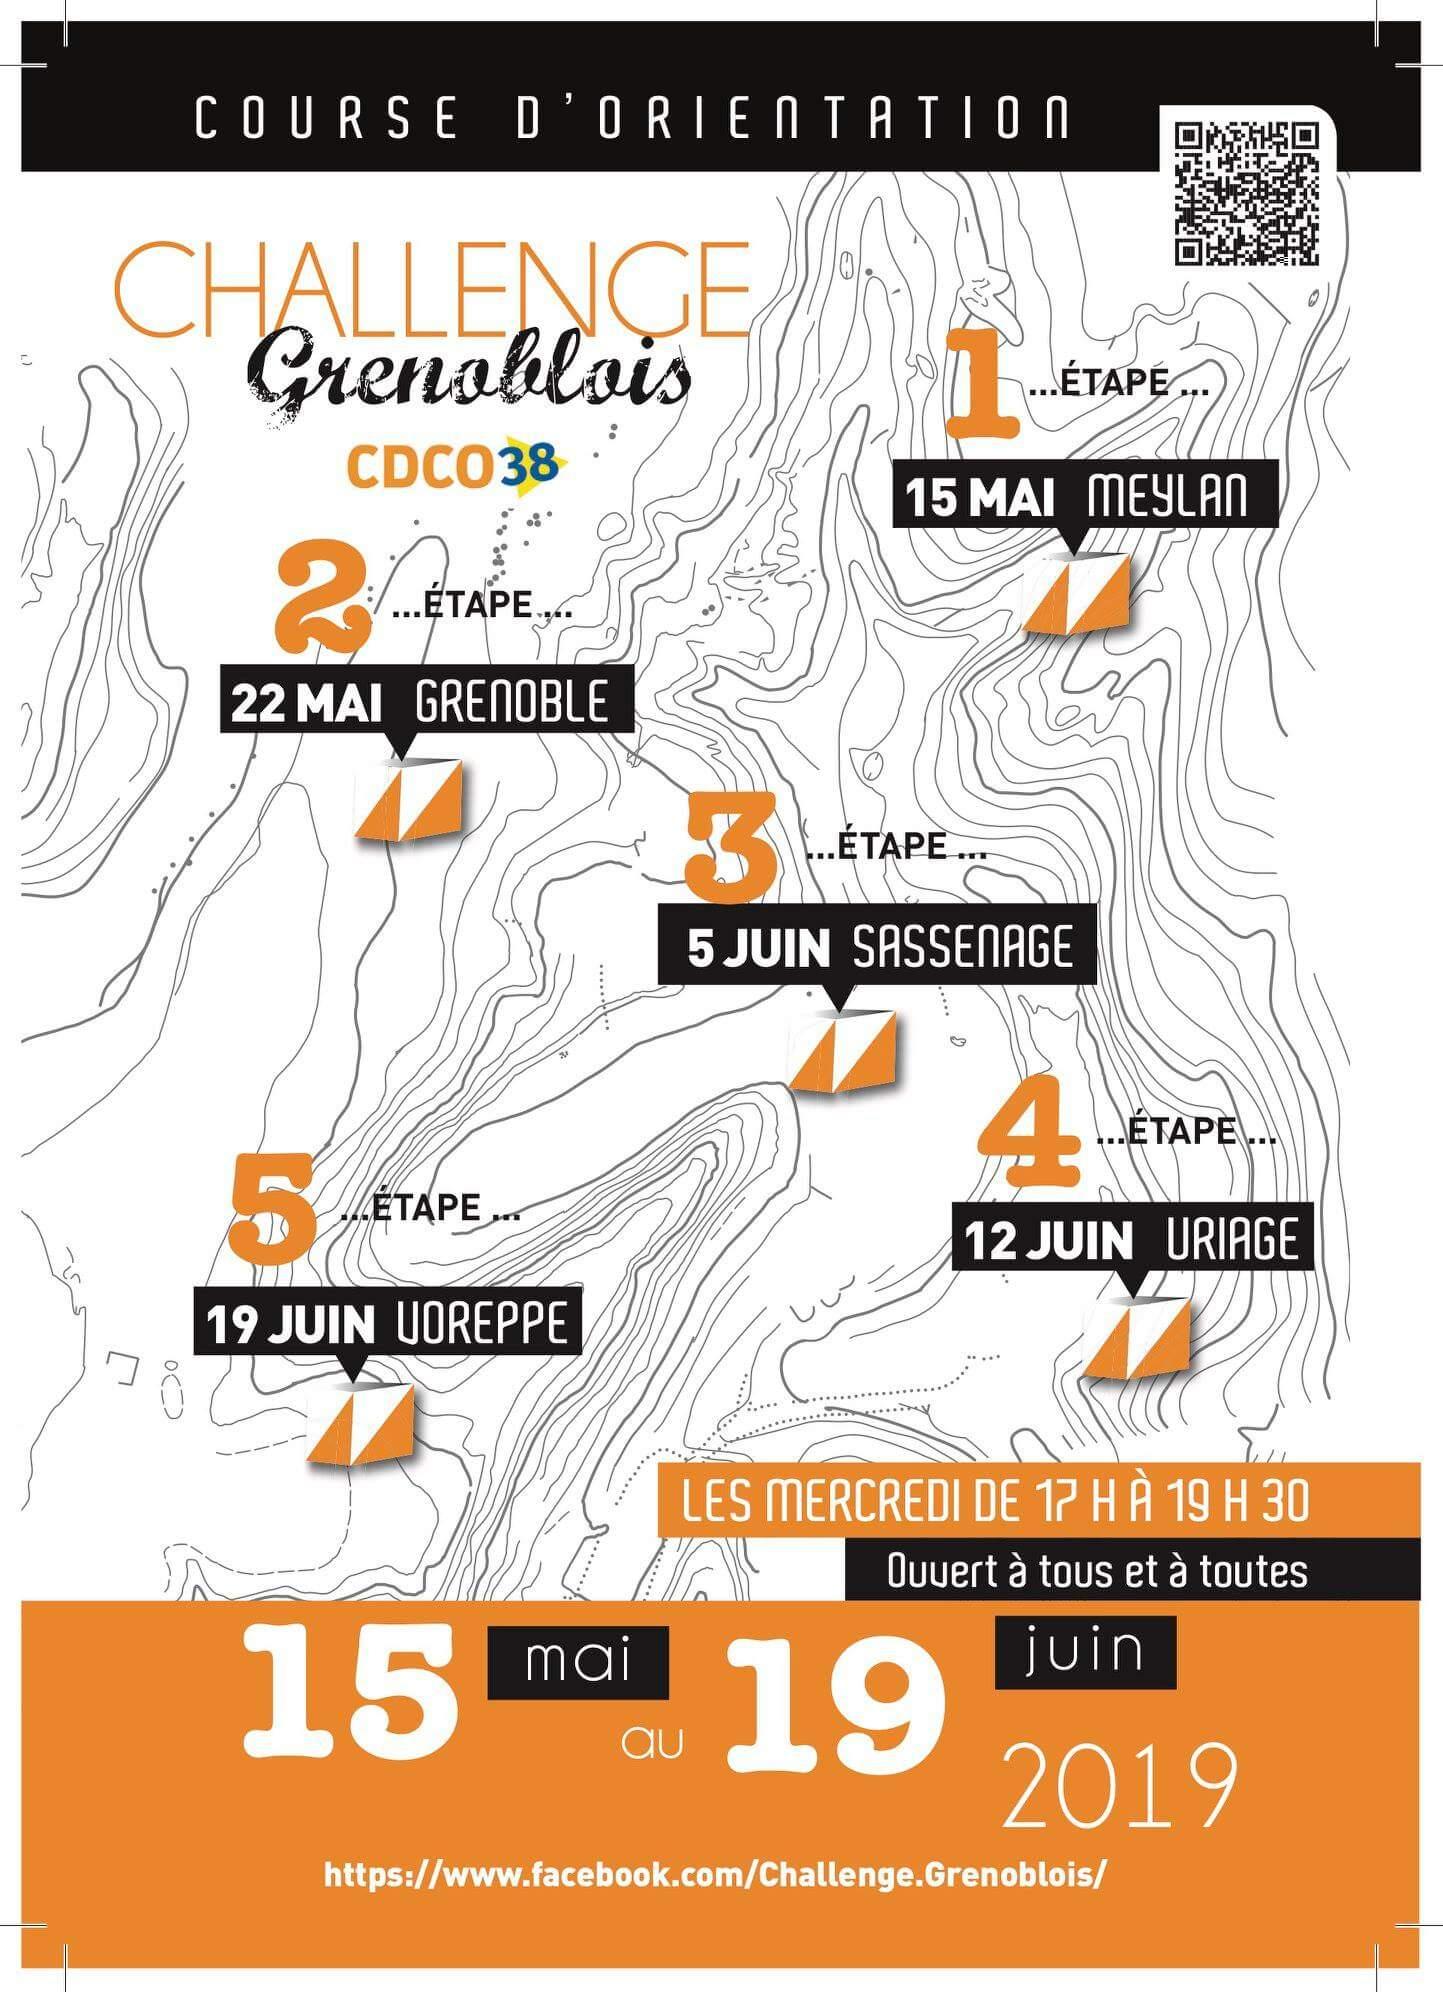 Challenge grenoblois de course d'orientation 2019